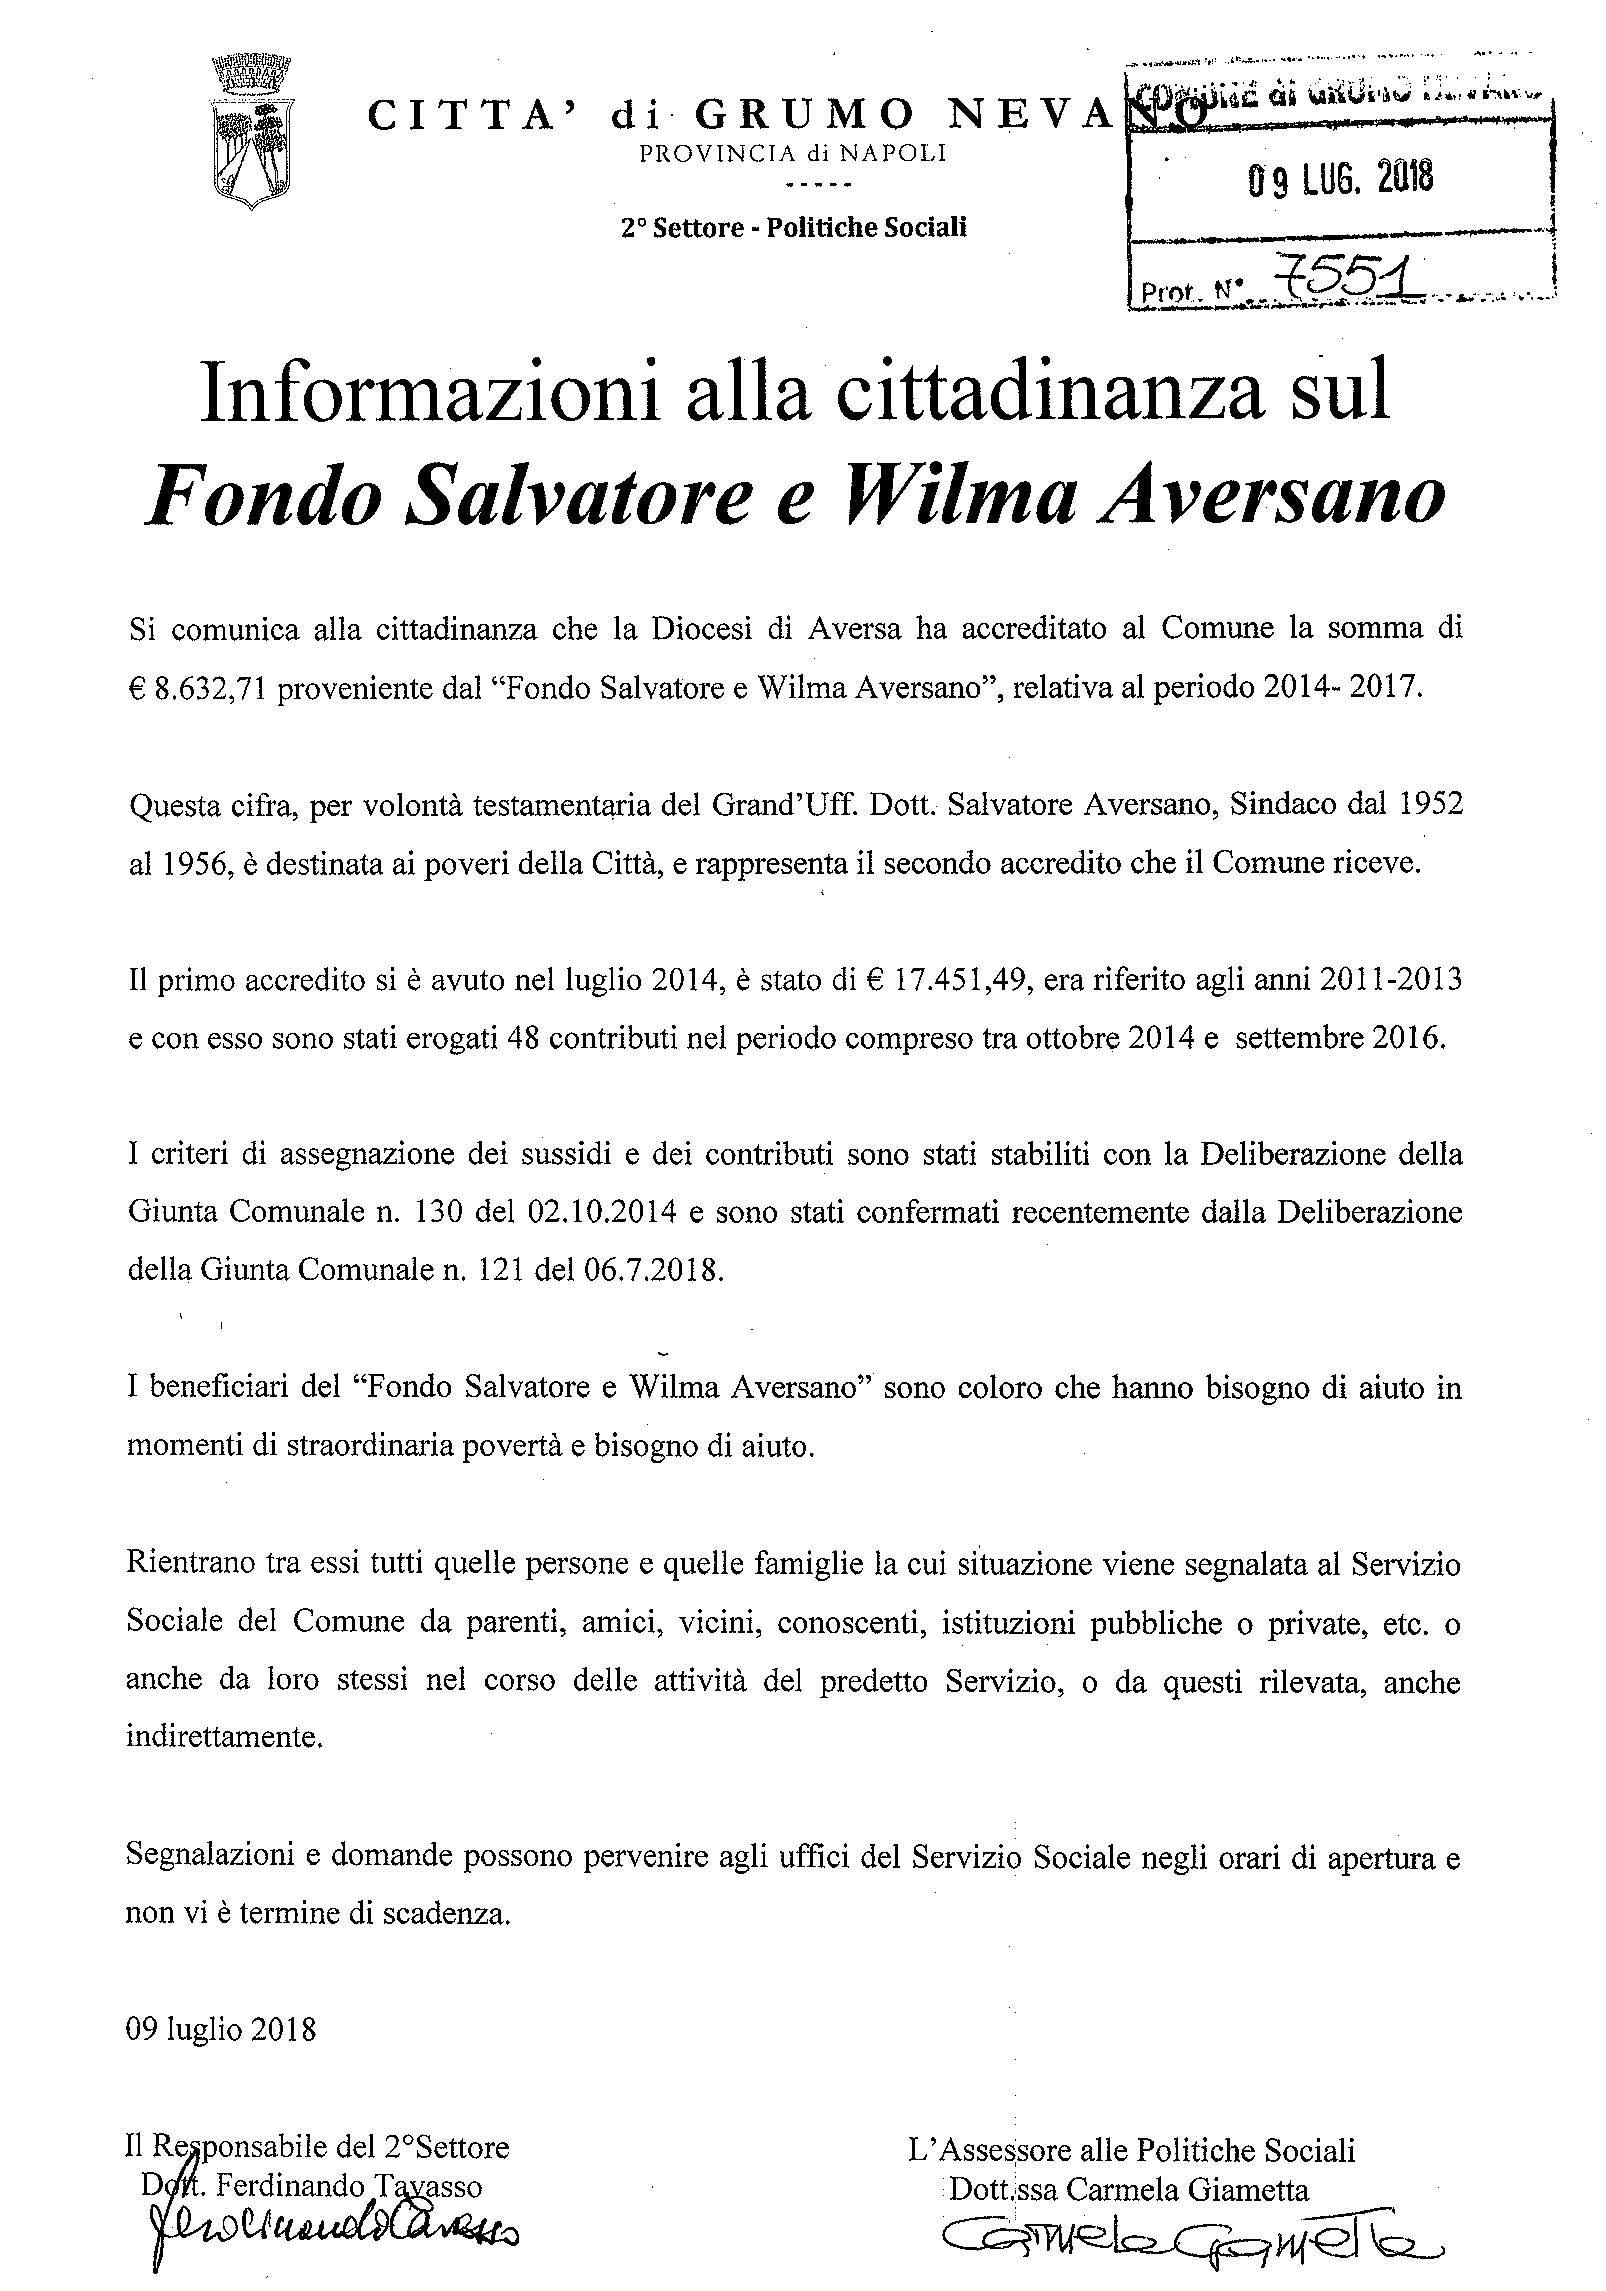 Informazione alla cittadinanza (1)